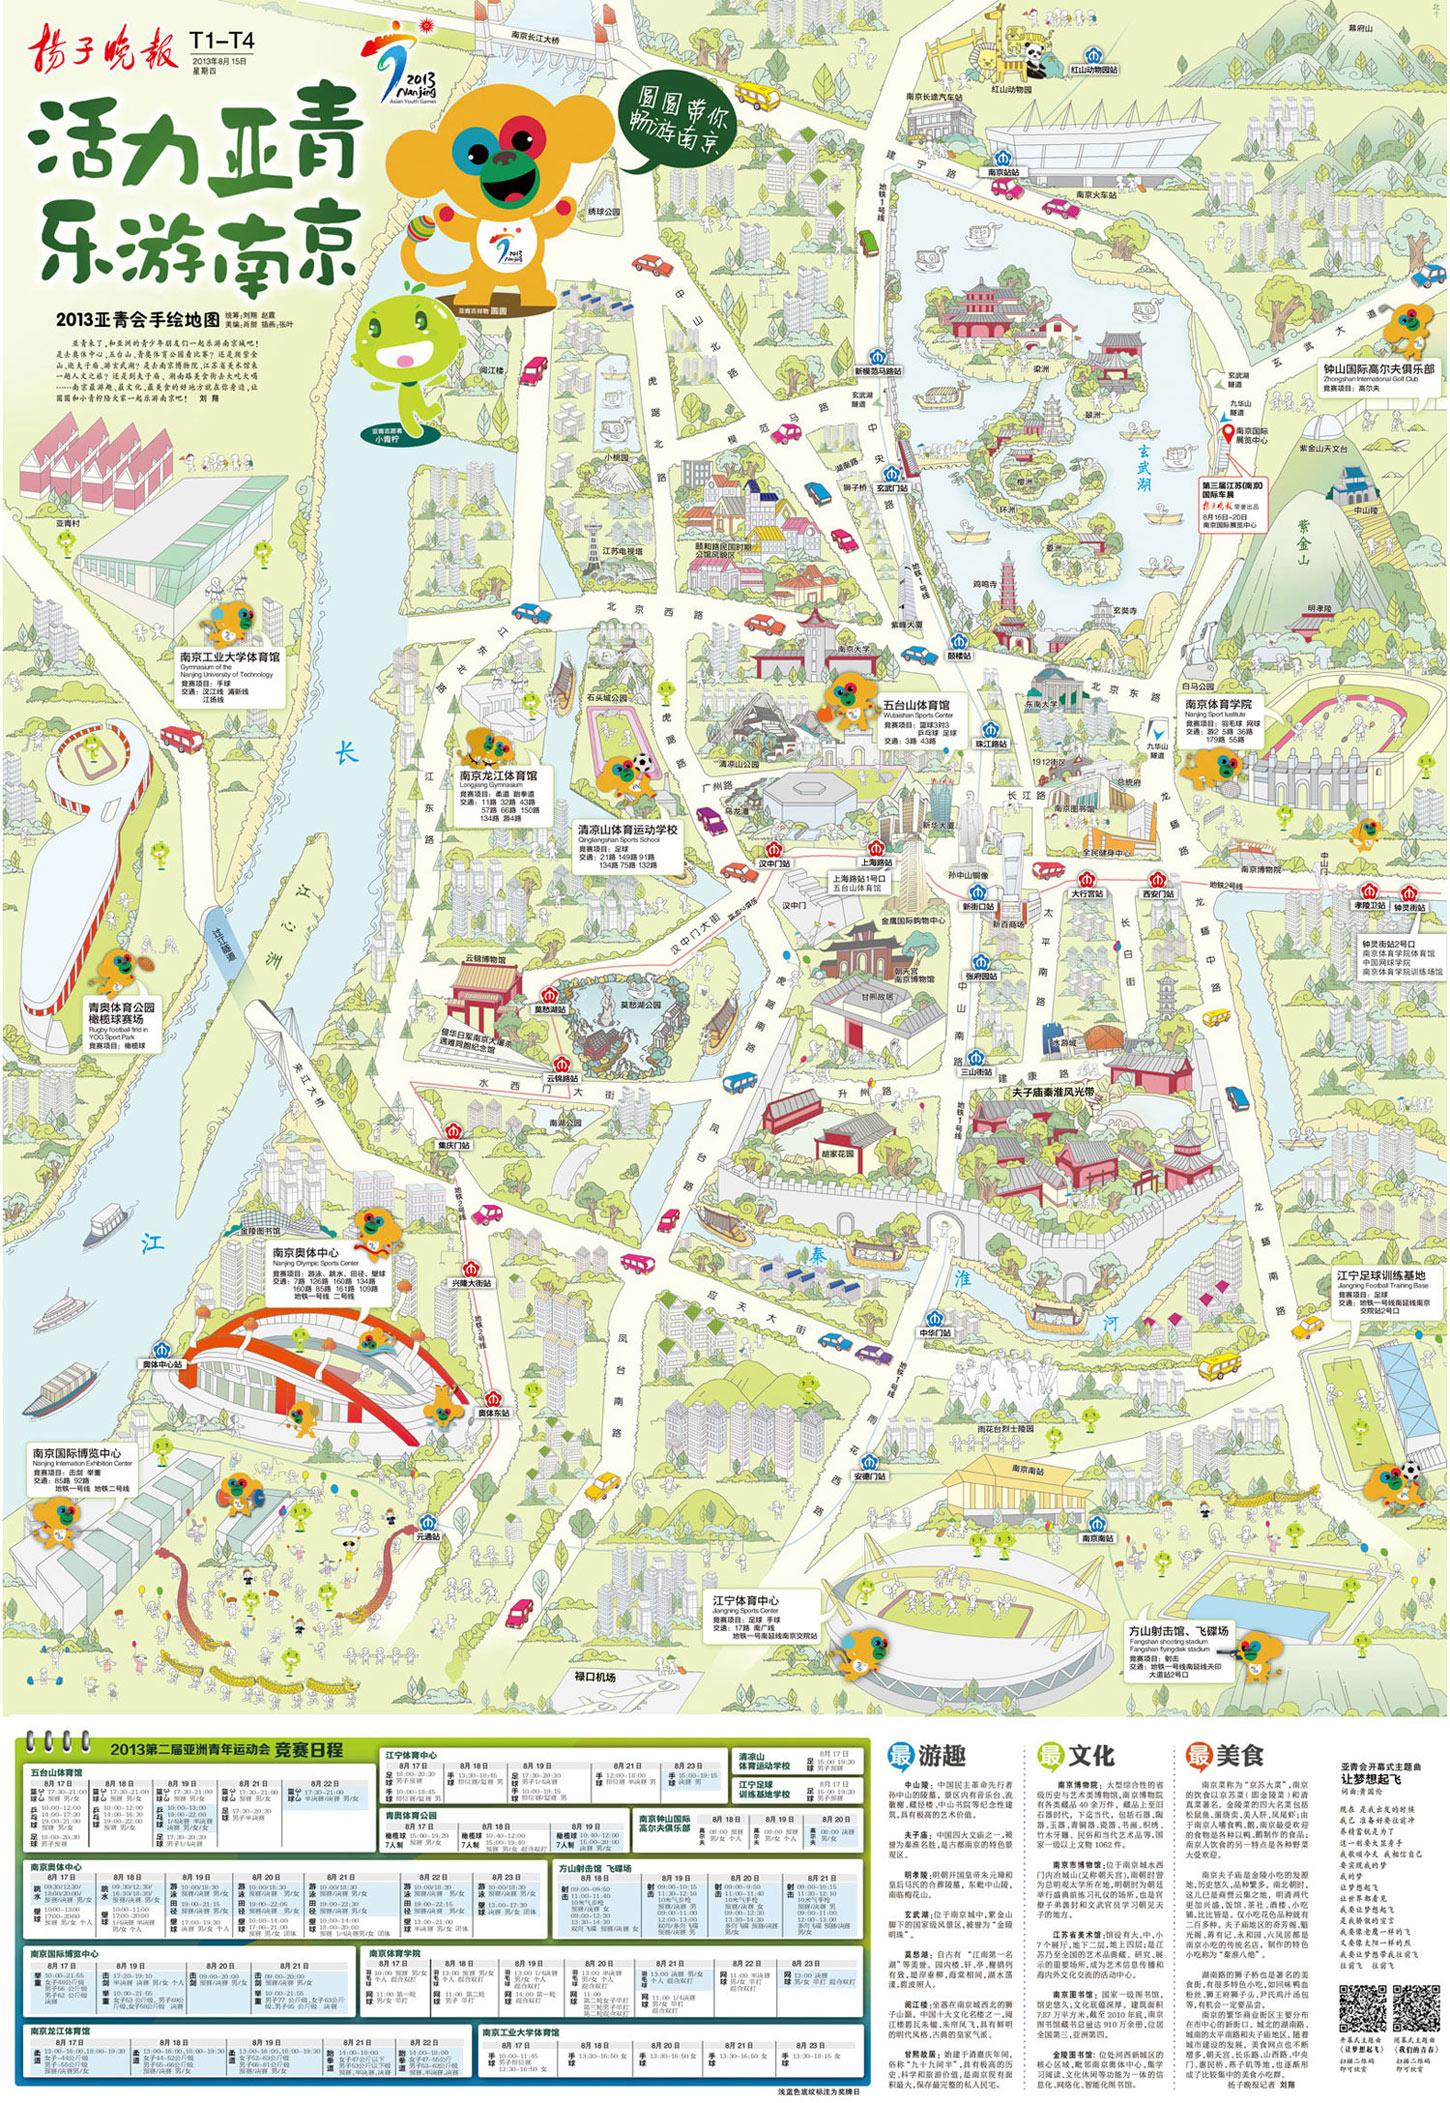 南京小吃手绘地图图片下载分享